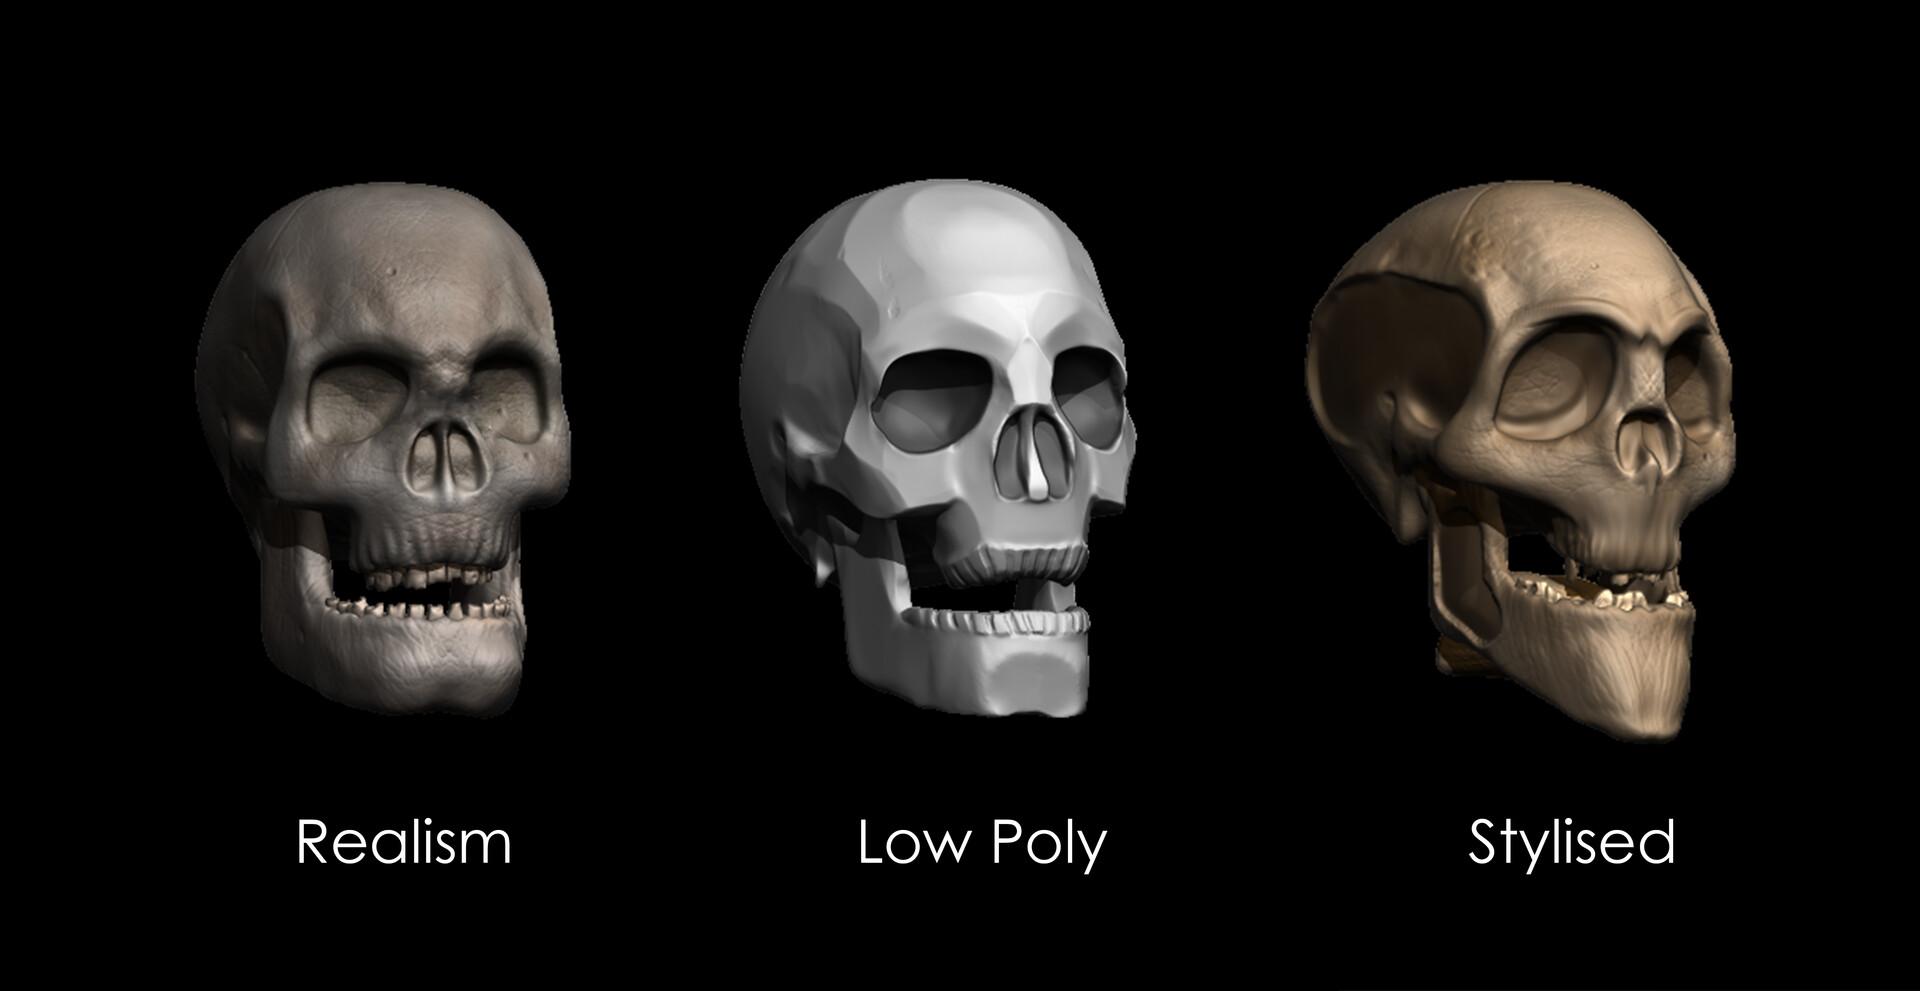 Human skull styles